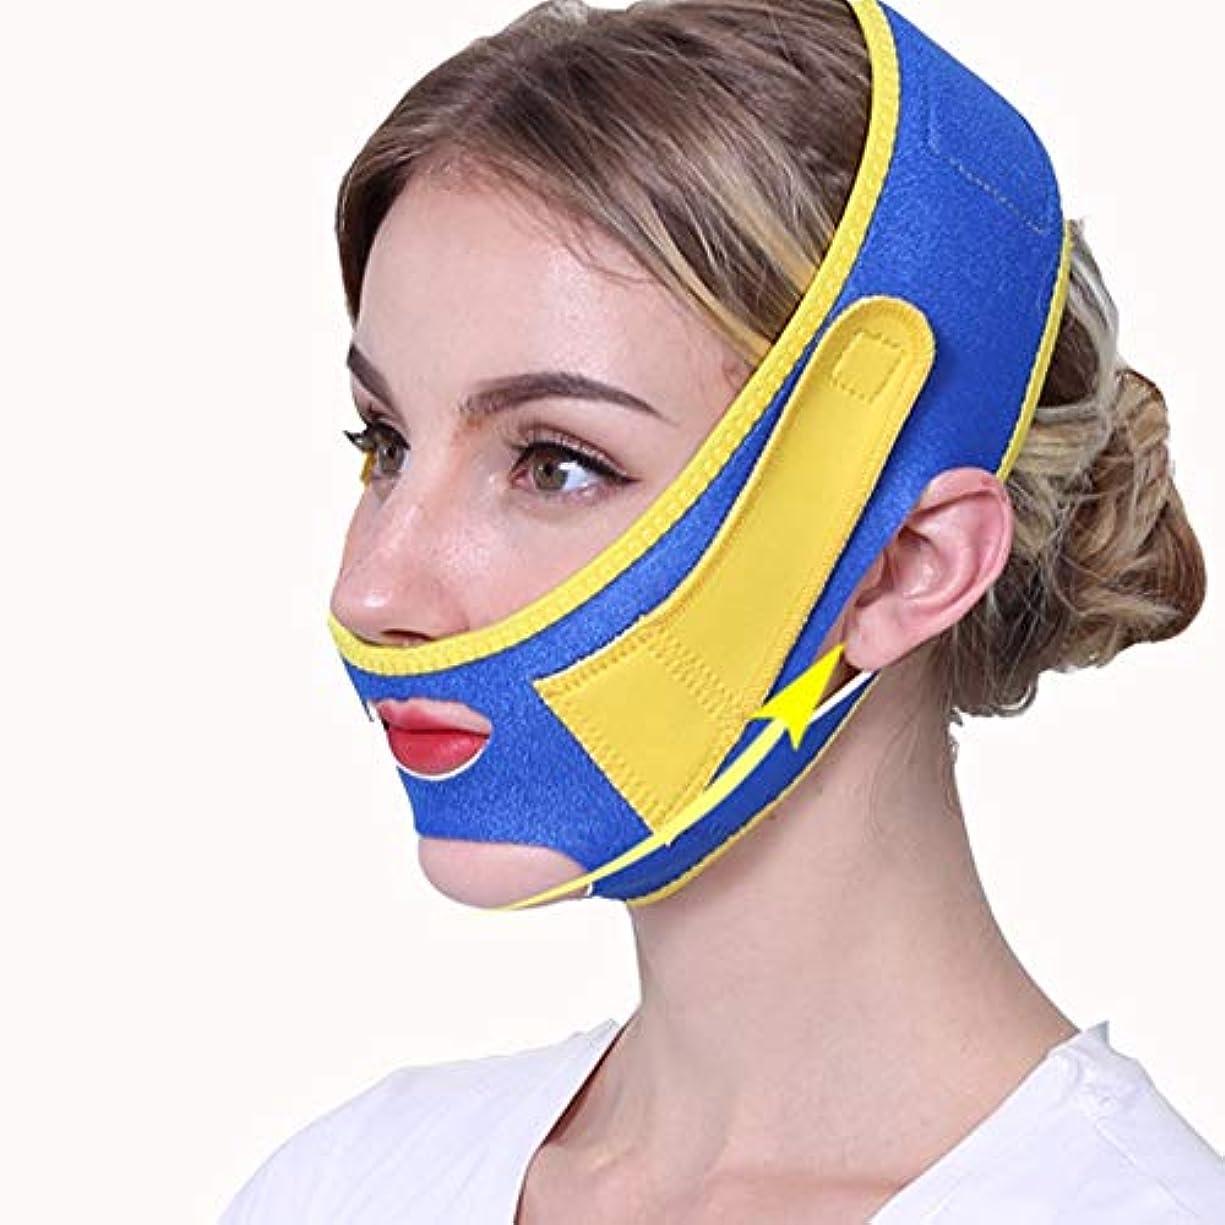 フィヨルド維持気楽な飛強強 フェイシャルリフティング痩身ベルトフェイス包帯マスク整形マスクフェイスベルトを引き締める薄型フェイス包帯整形マスクフェイスと首の顔を引き締めスリム スリムフィット美容ツール